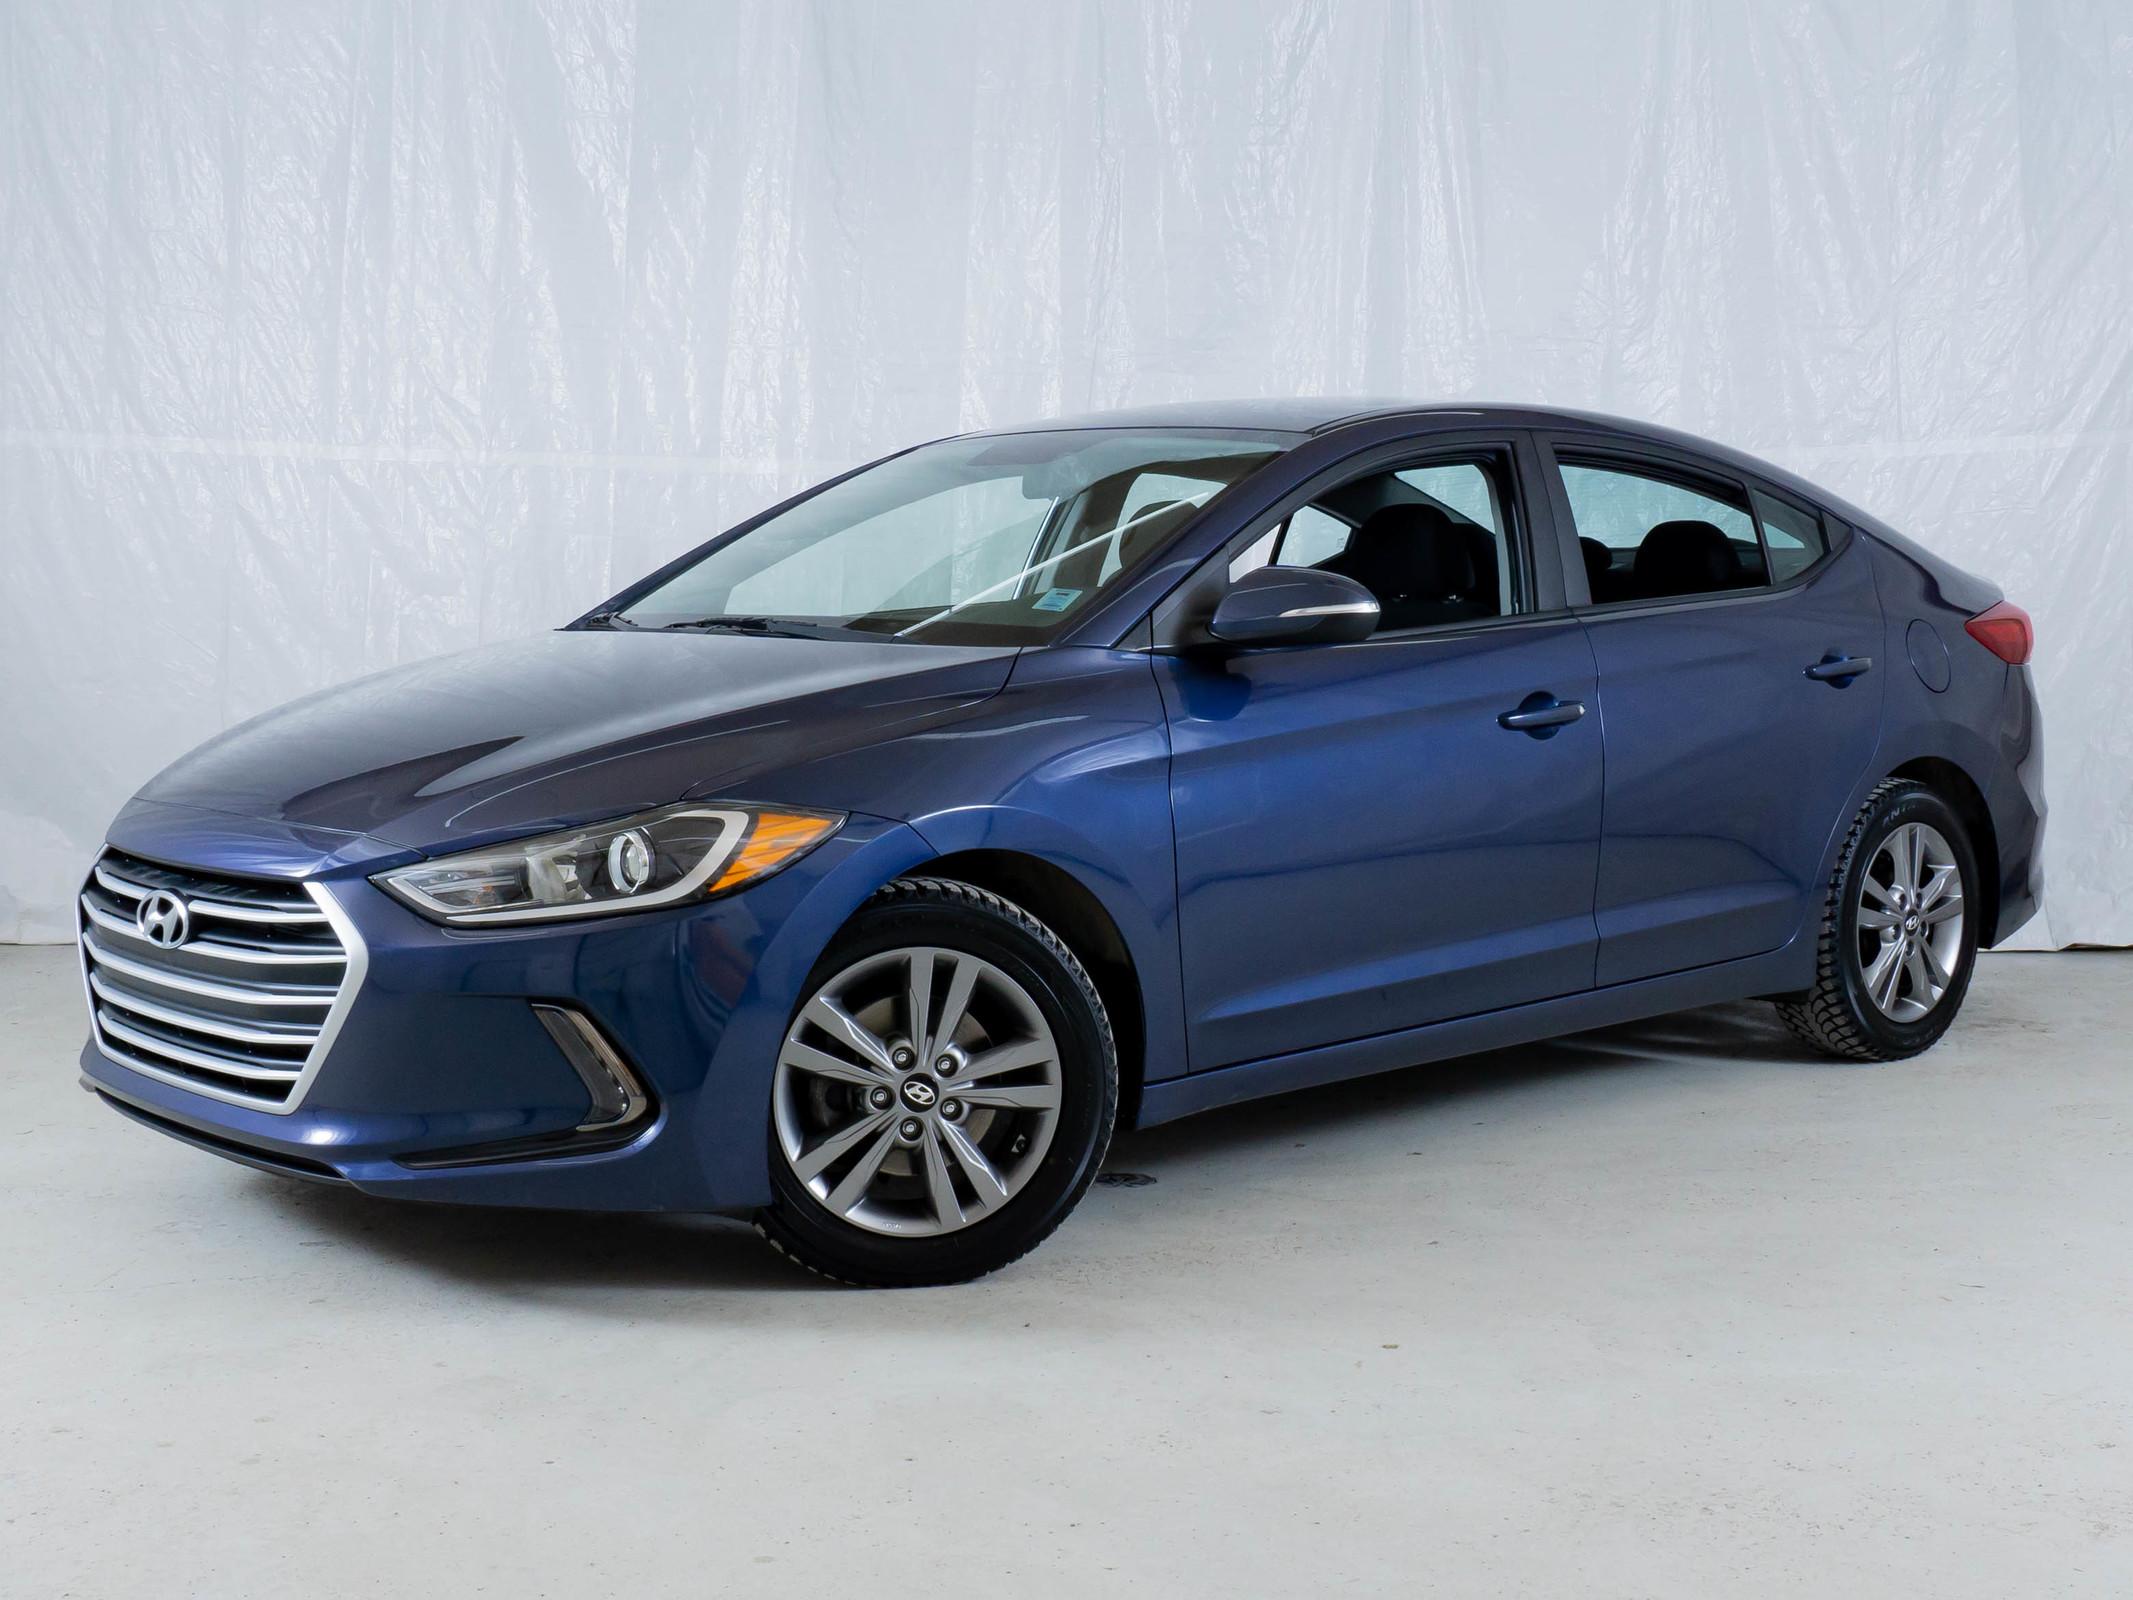 Blue Hyundai Elantra GL